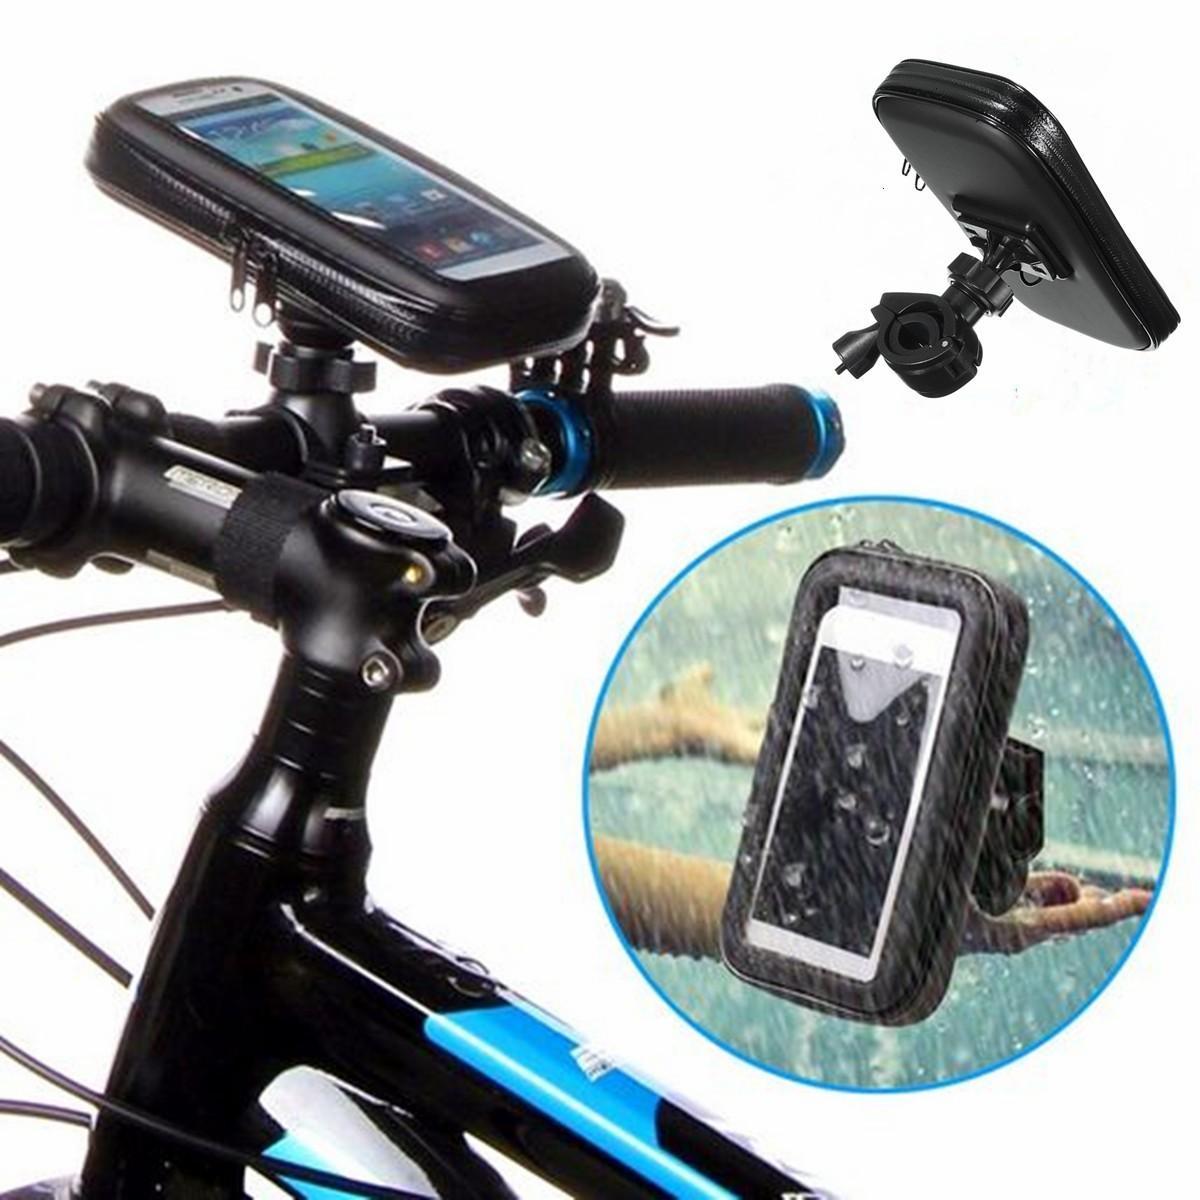 Bicycle Phone Mount >> Universal Waterproof Motor Bike Motorcycle Case Bike Bag Phone Mount